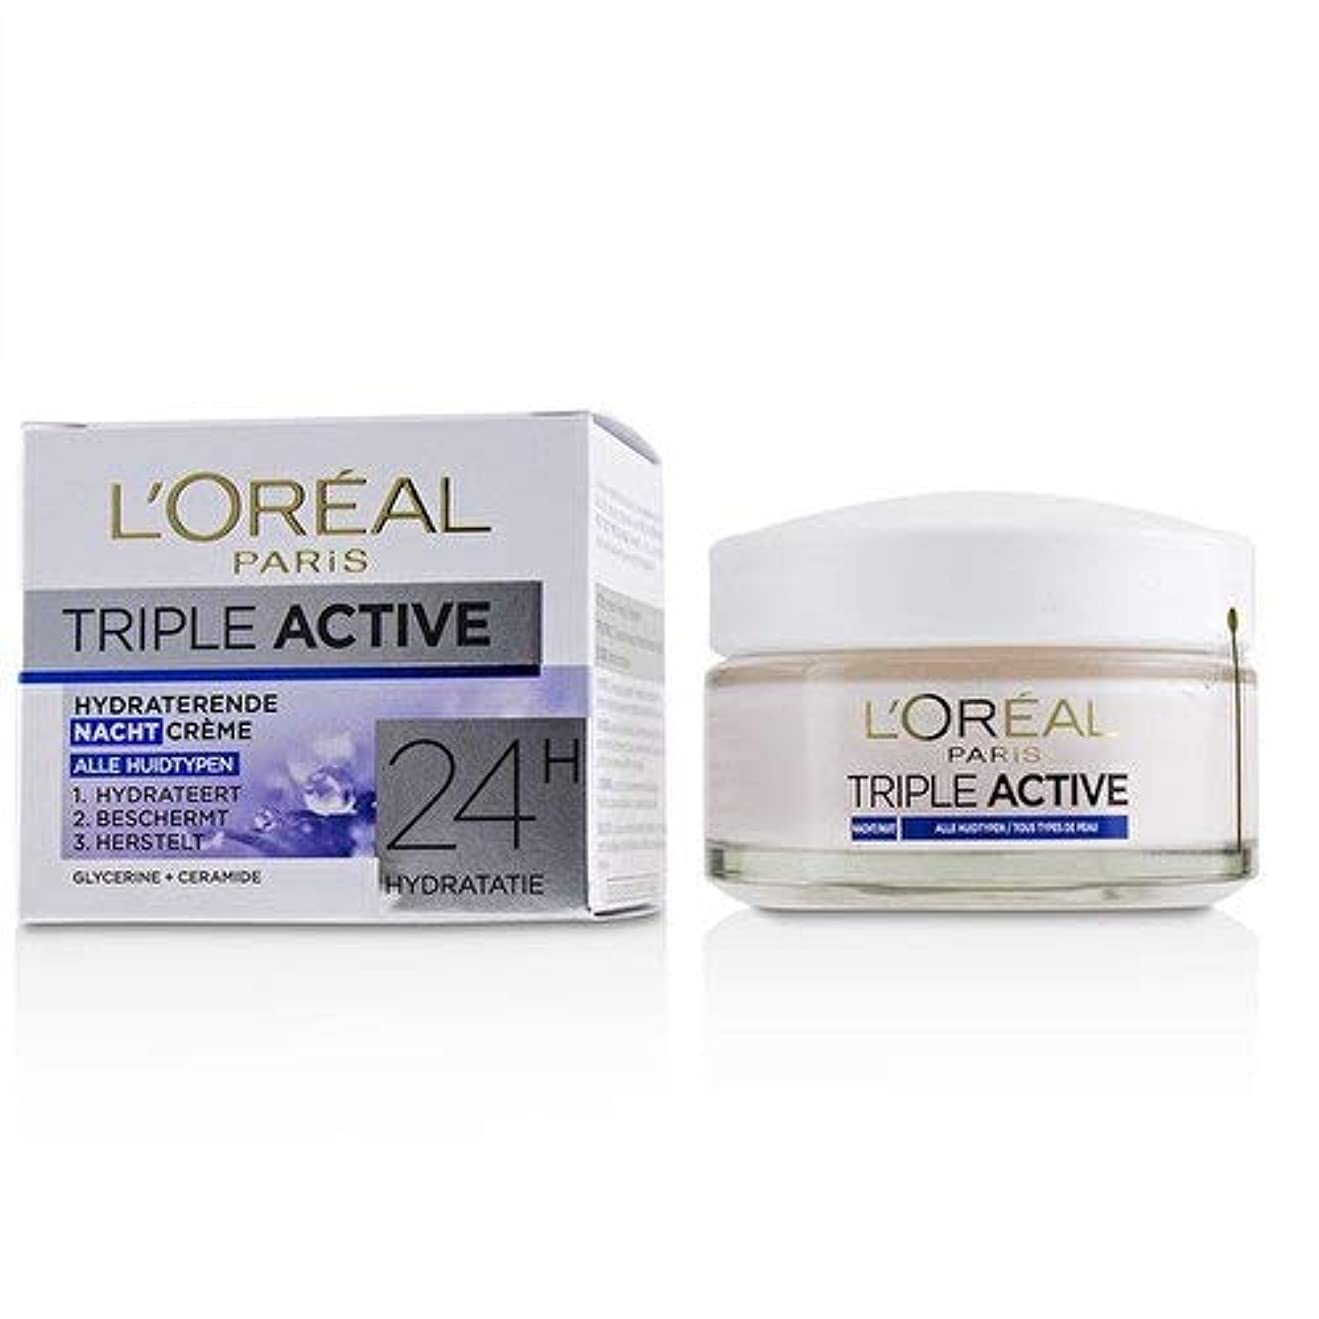 希少性社会主義仲介者ロレアル Triple Active Hydrating Night Cream 24H Hydration - For All Skin Types 50ml/1.7oz並行輸入品